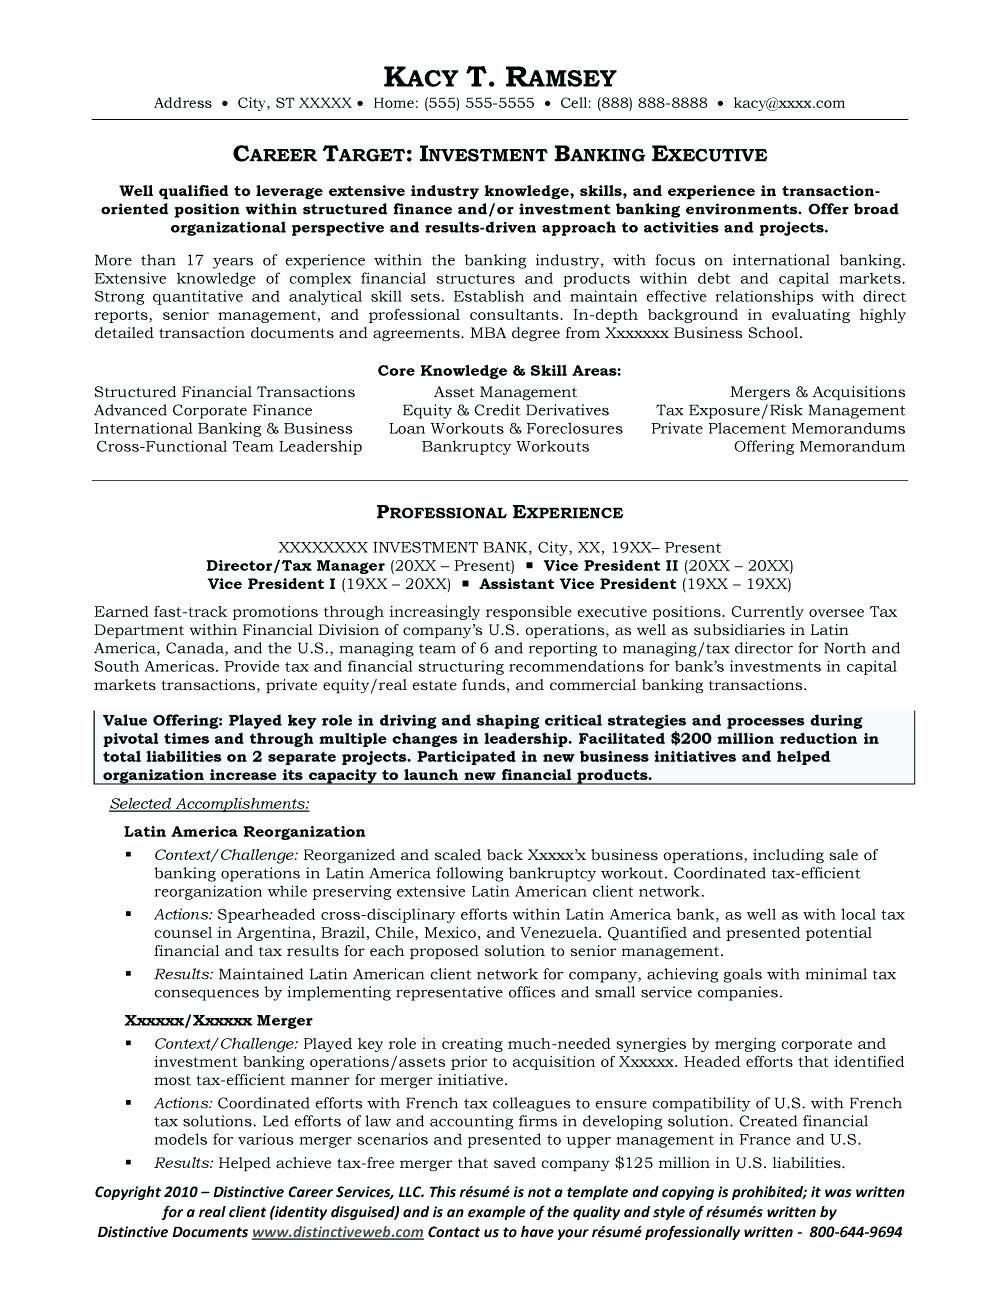 Bank Resume Template Download Bank Resume Template For Freshers World Bank Resume Template Bank Teller Resume Templ Job Resume Examples Resume Template Banking